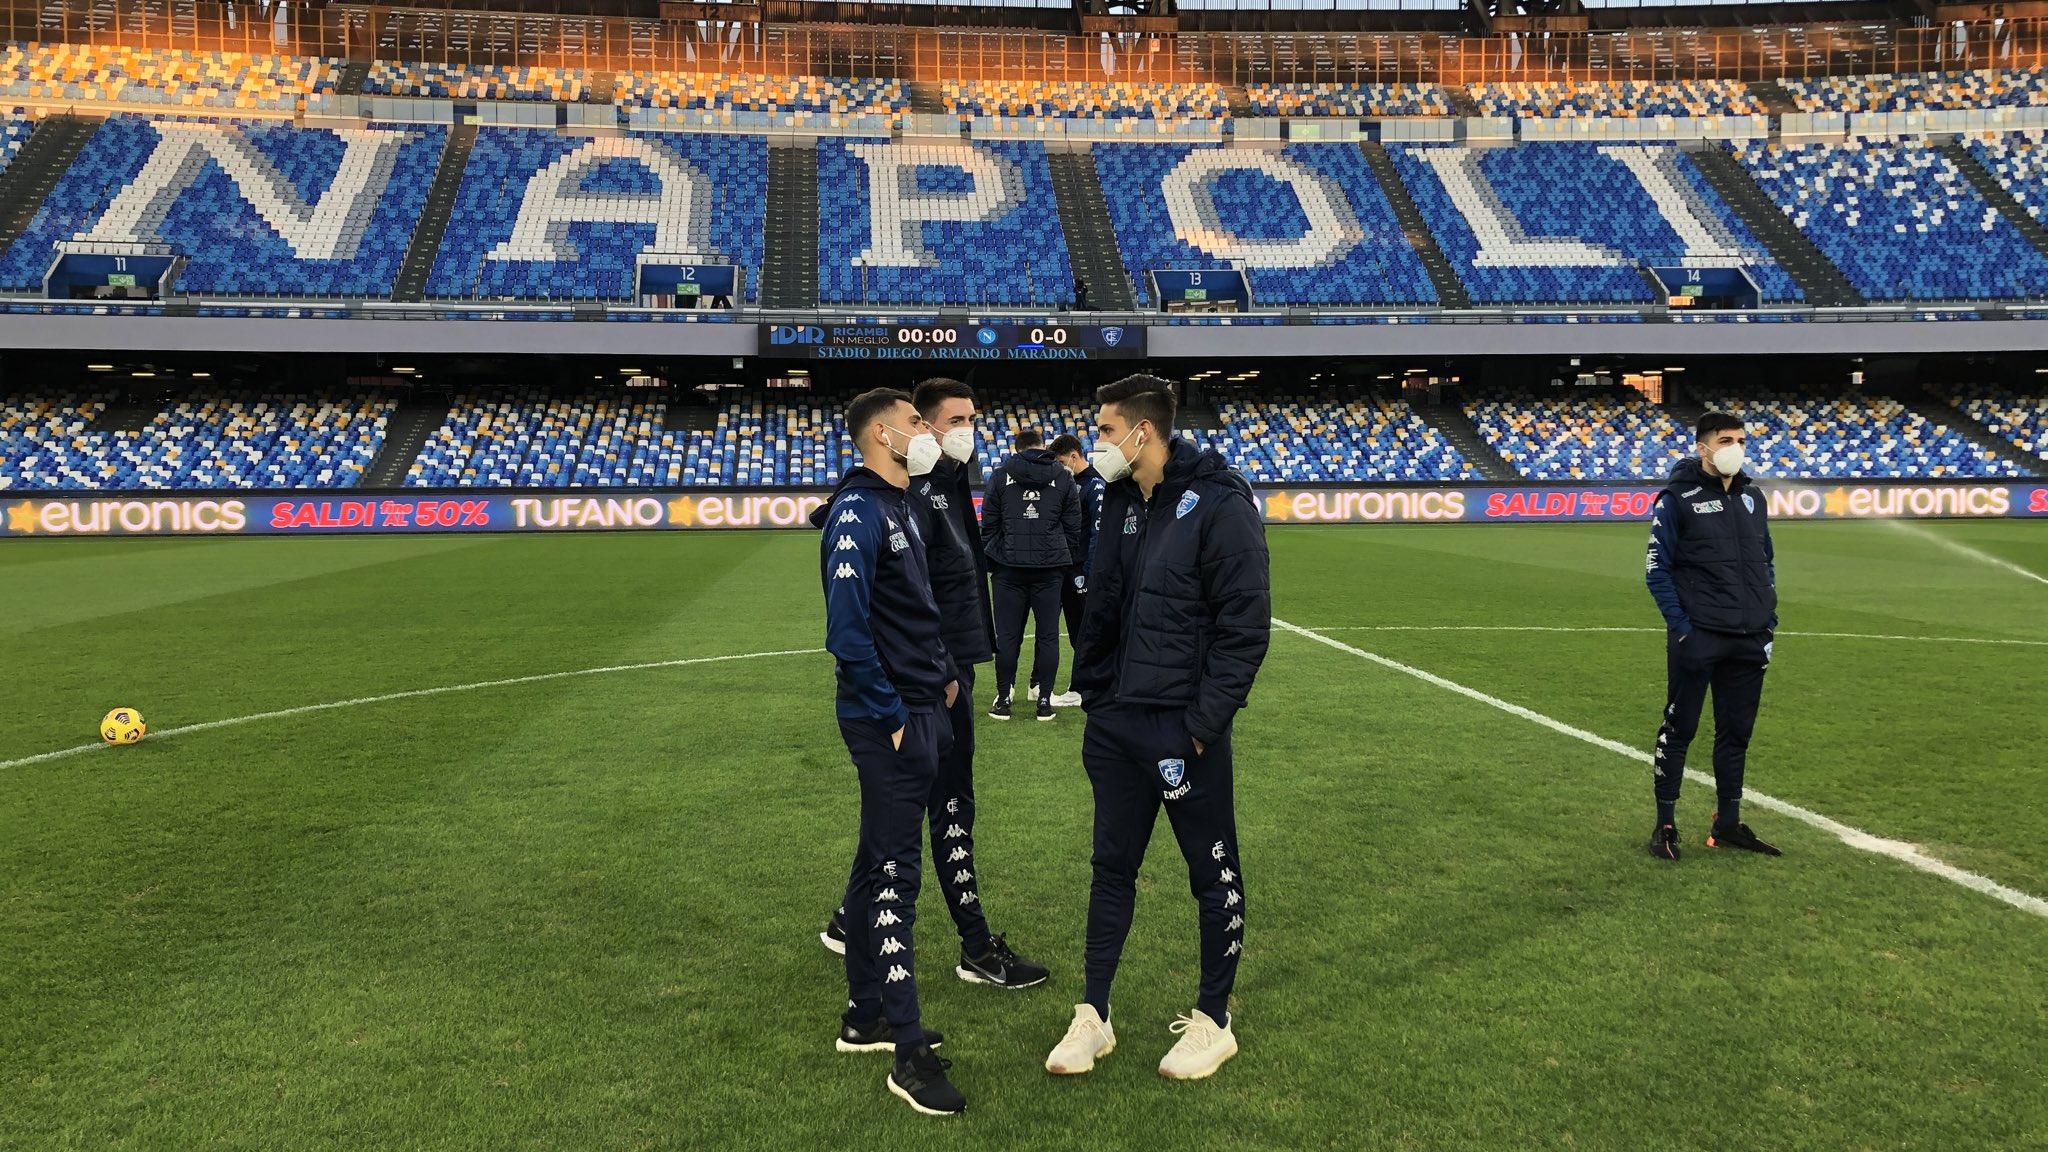 """Gatteschi (Empoli): """"Abbiamo saputo stanotte del positivo sul volo. Tutta la squadra è negativa"""""""